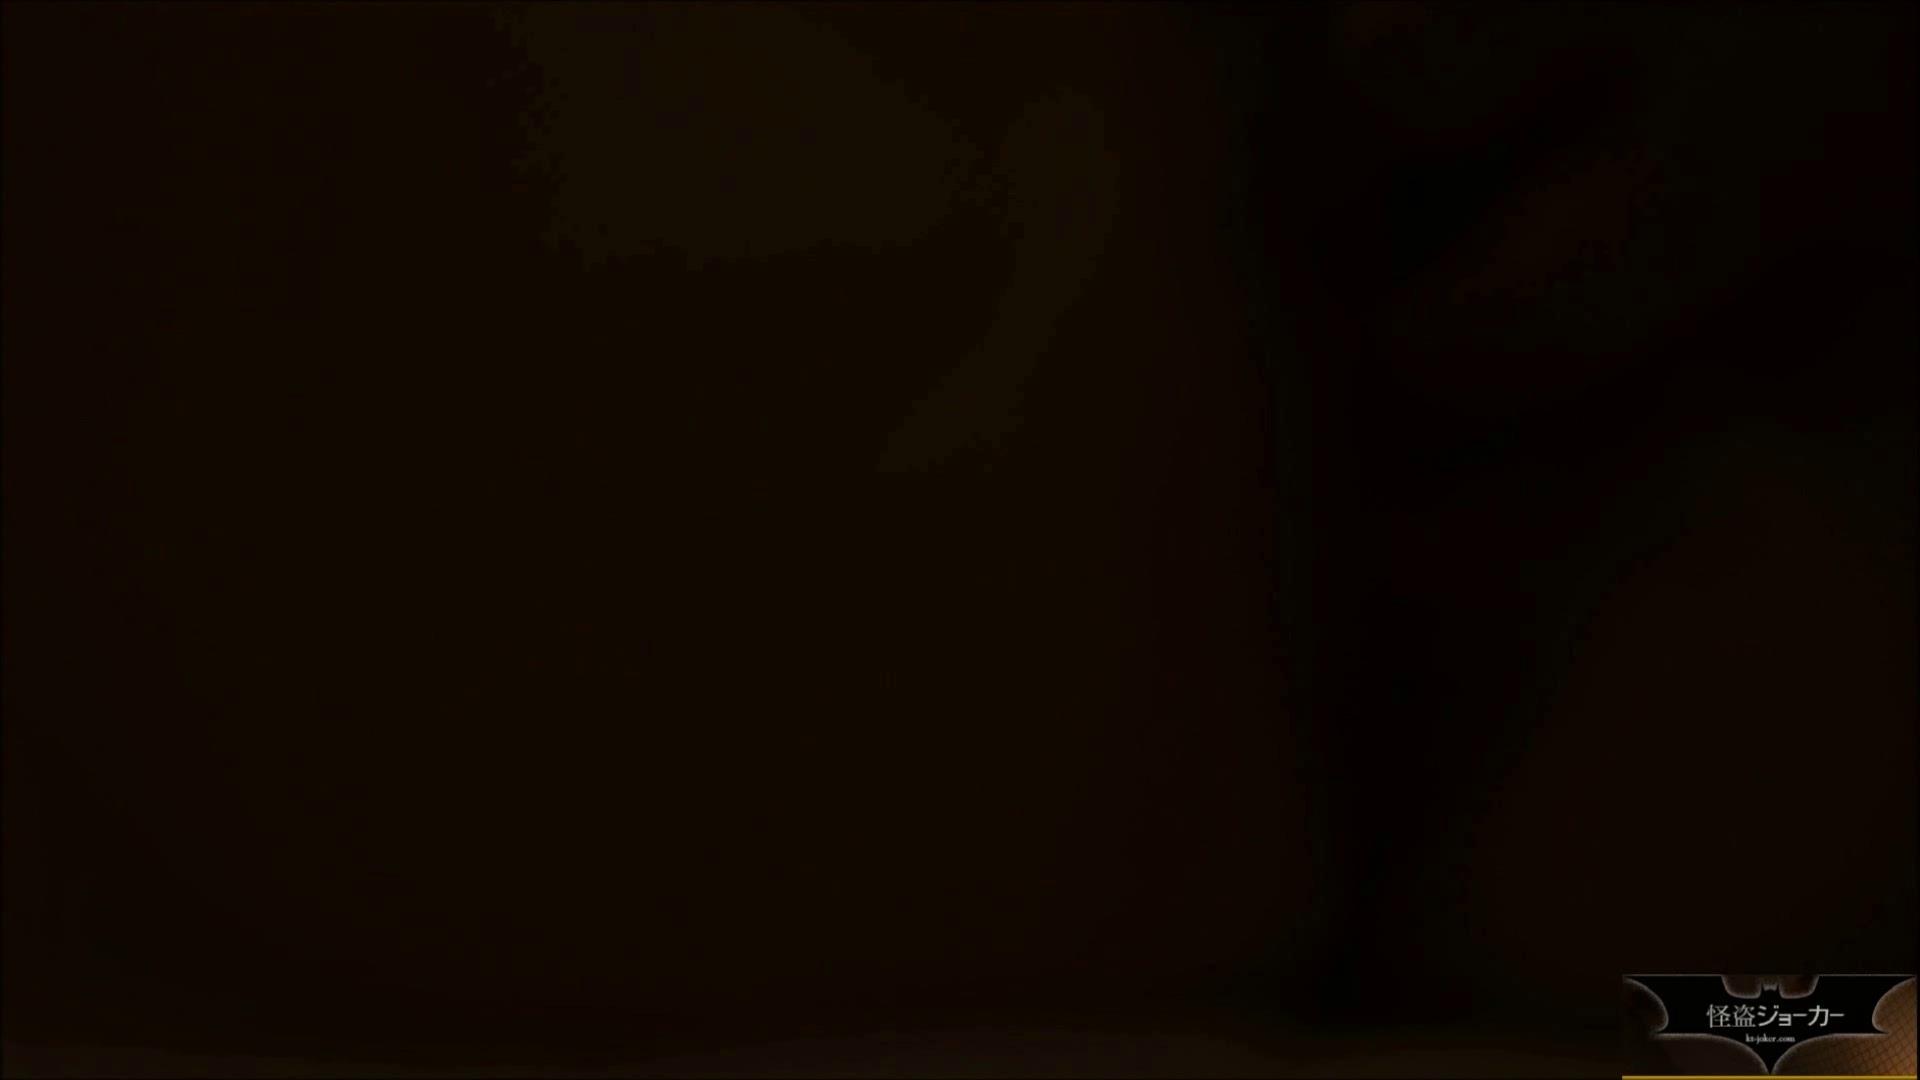 【未公開】vol.36 【援助】鏡越しの朋葉を見ながら・・・ ギャル  85PIX 68